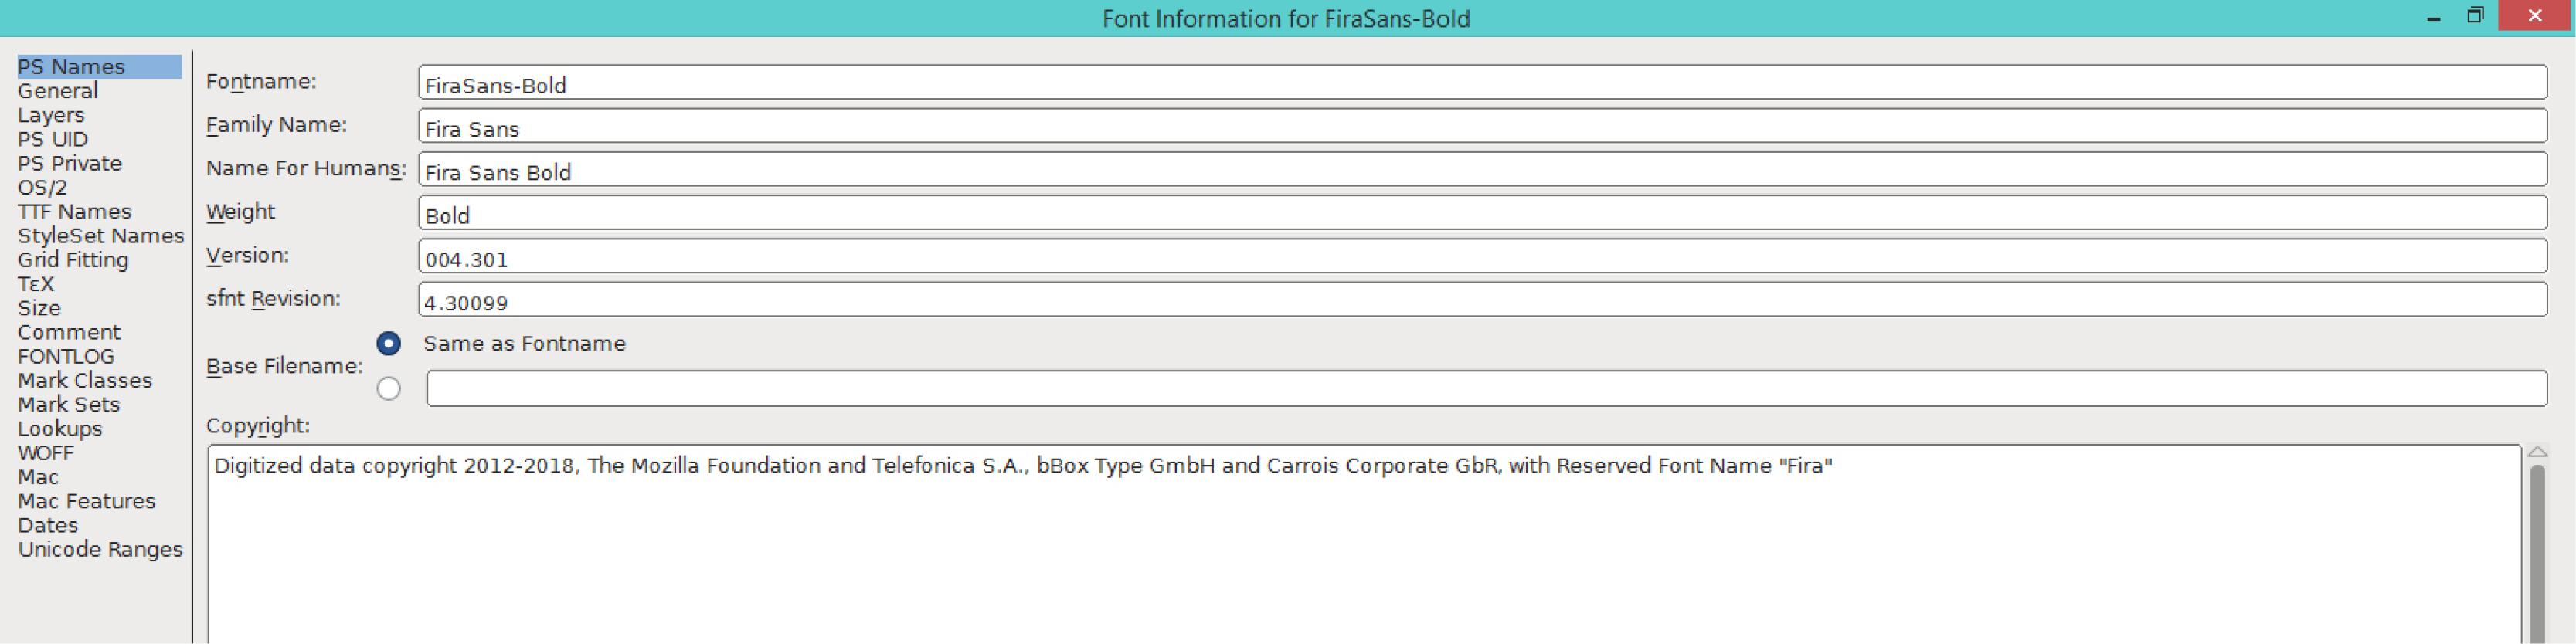 Fira Sans Bold (PS)